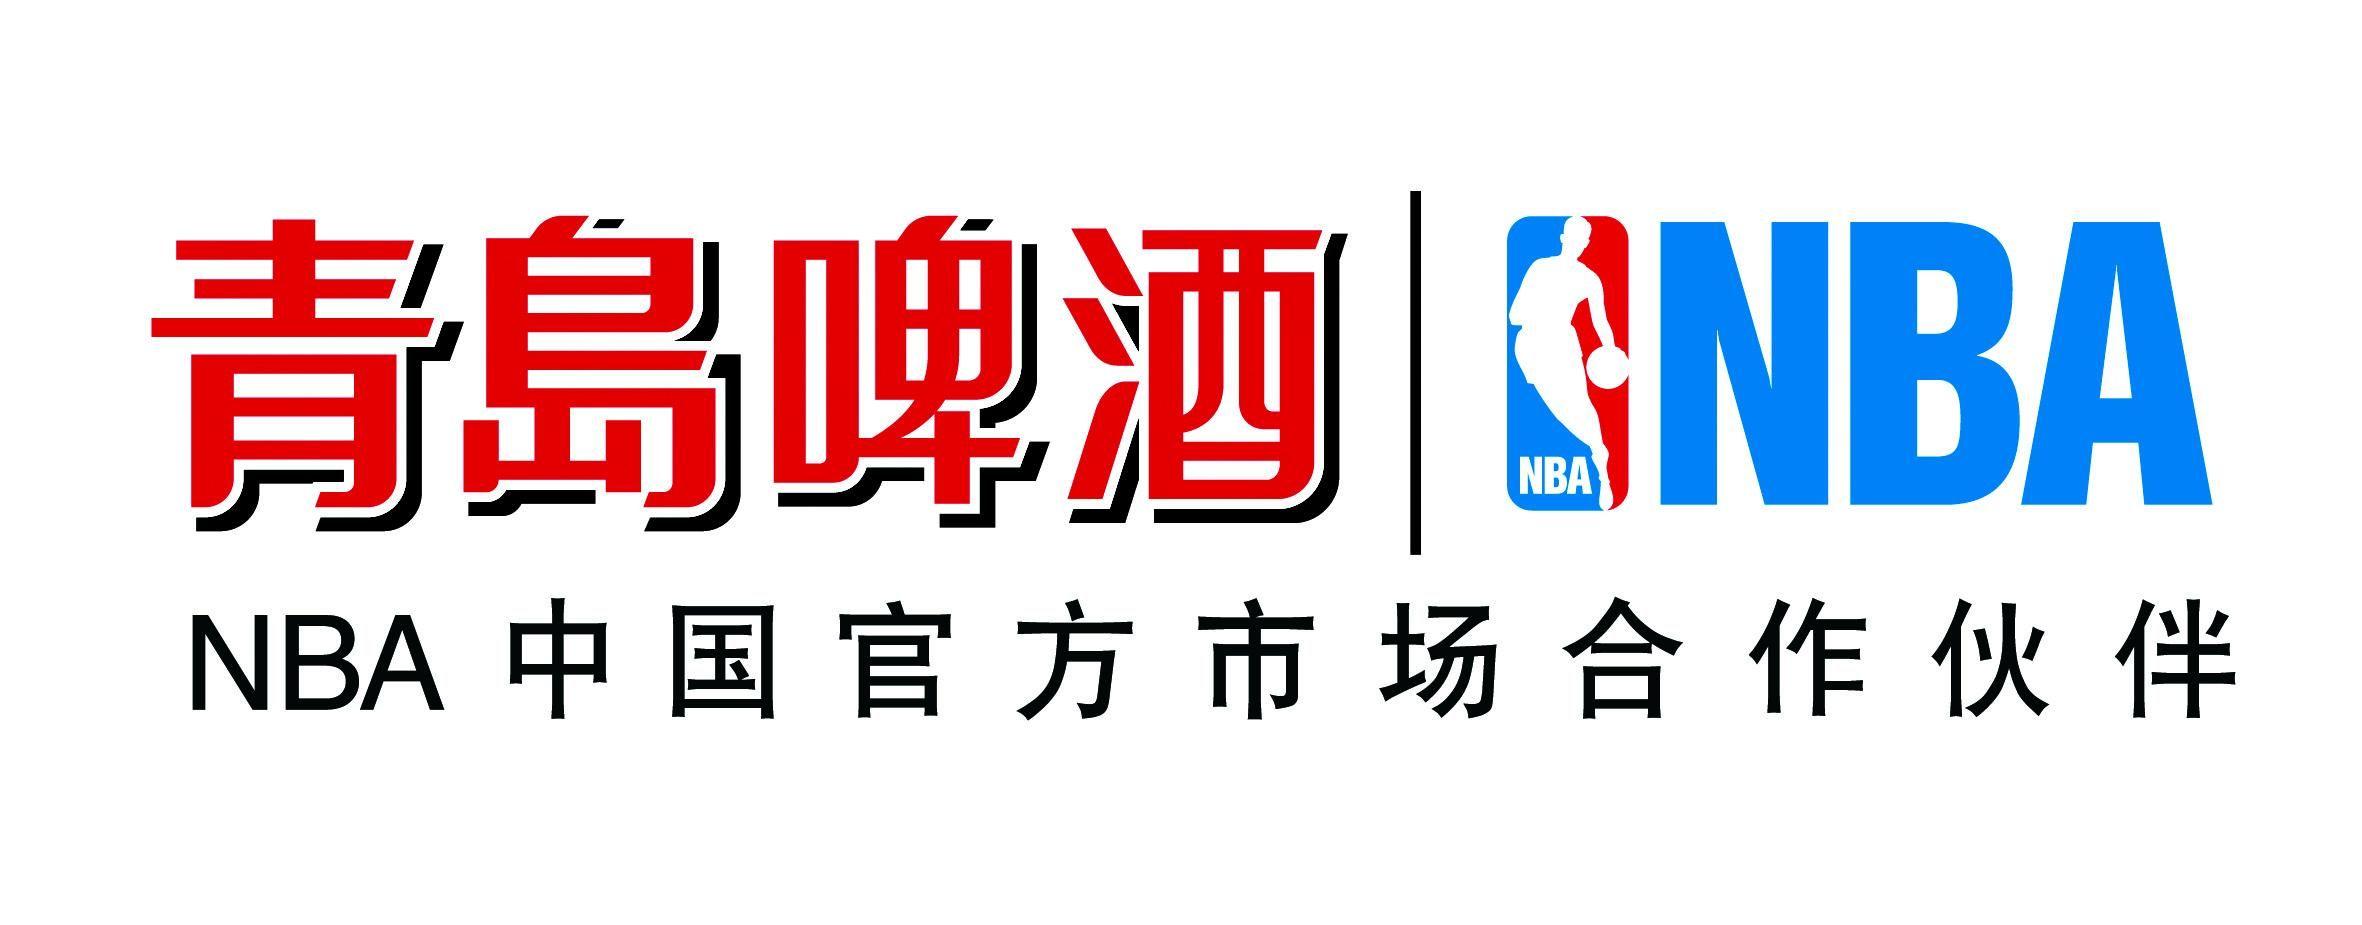 青岛啤酒logo